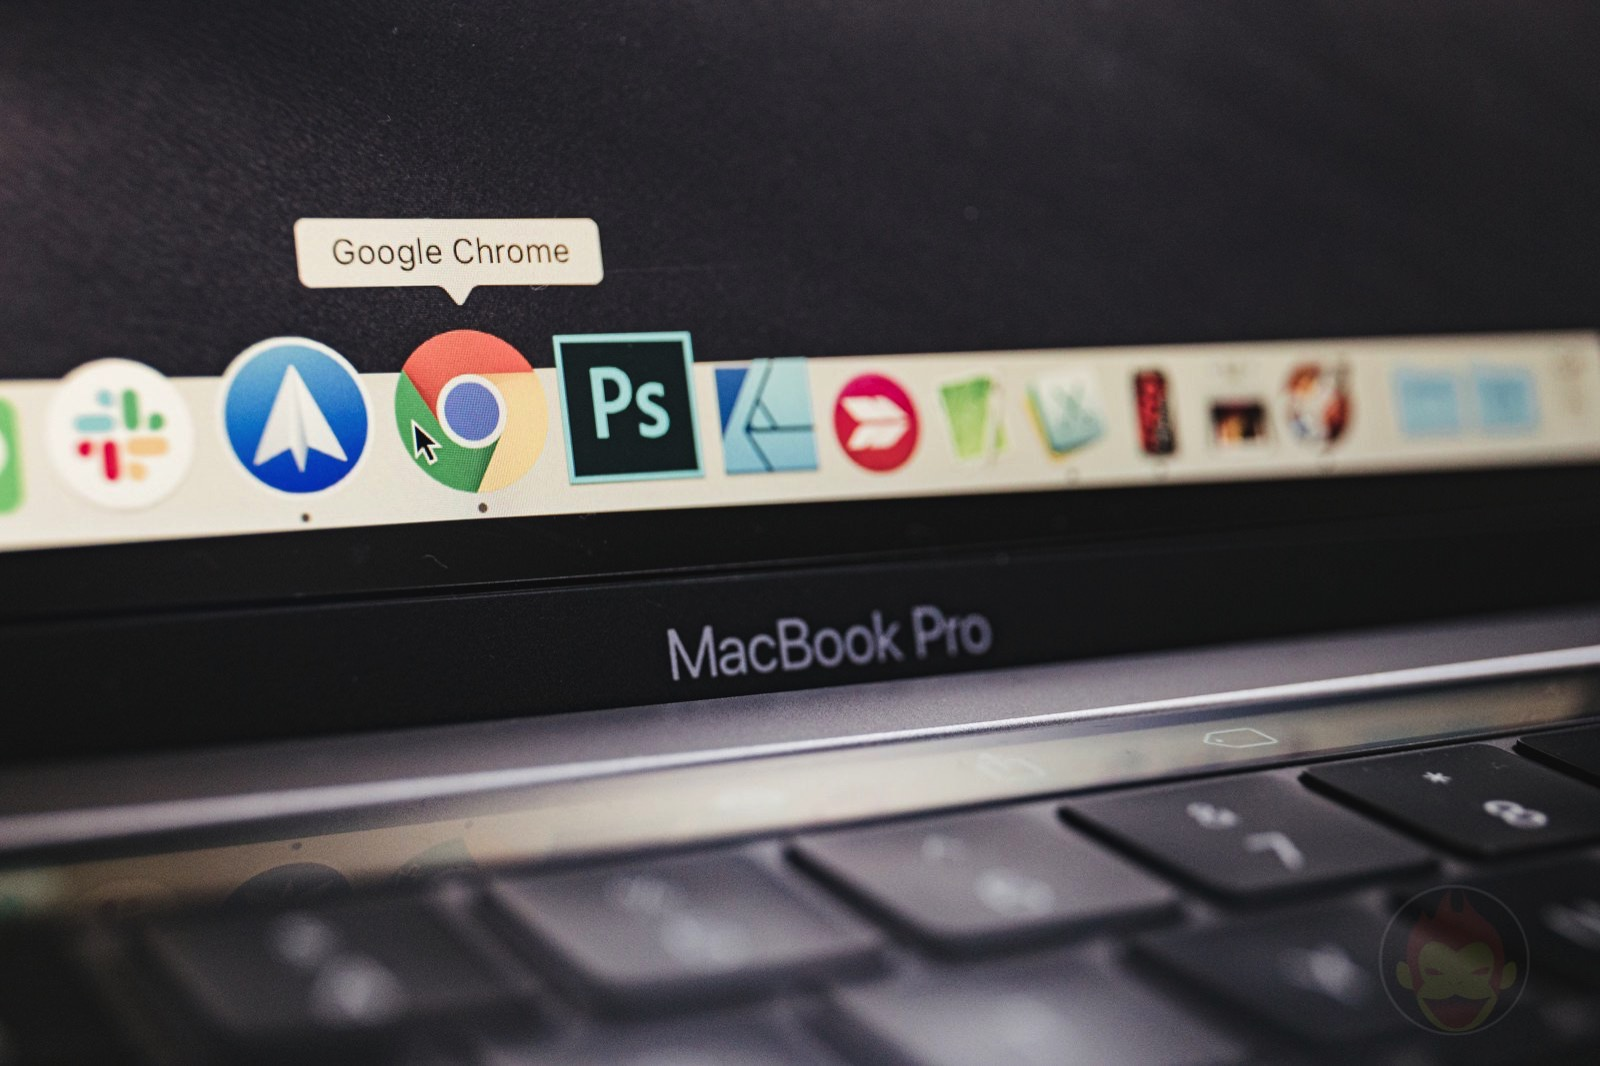 MacBook Pro 13inch or 15inch 2019 comparison 10